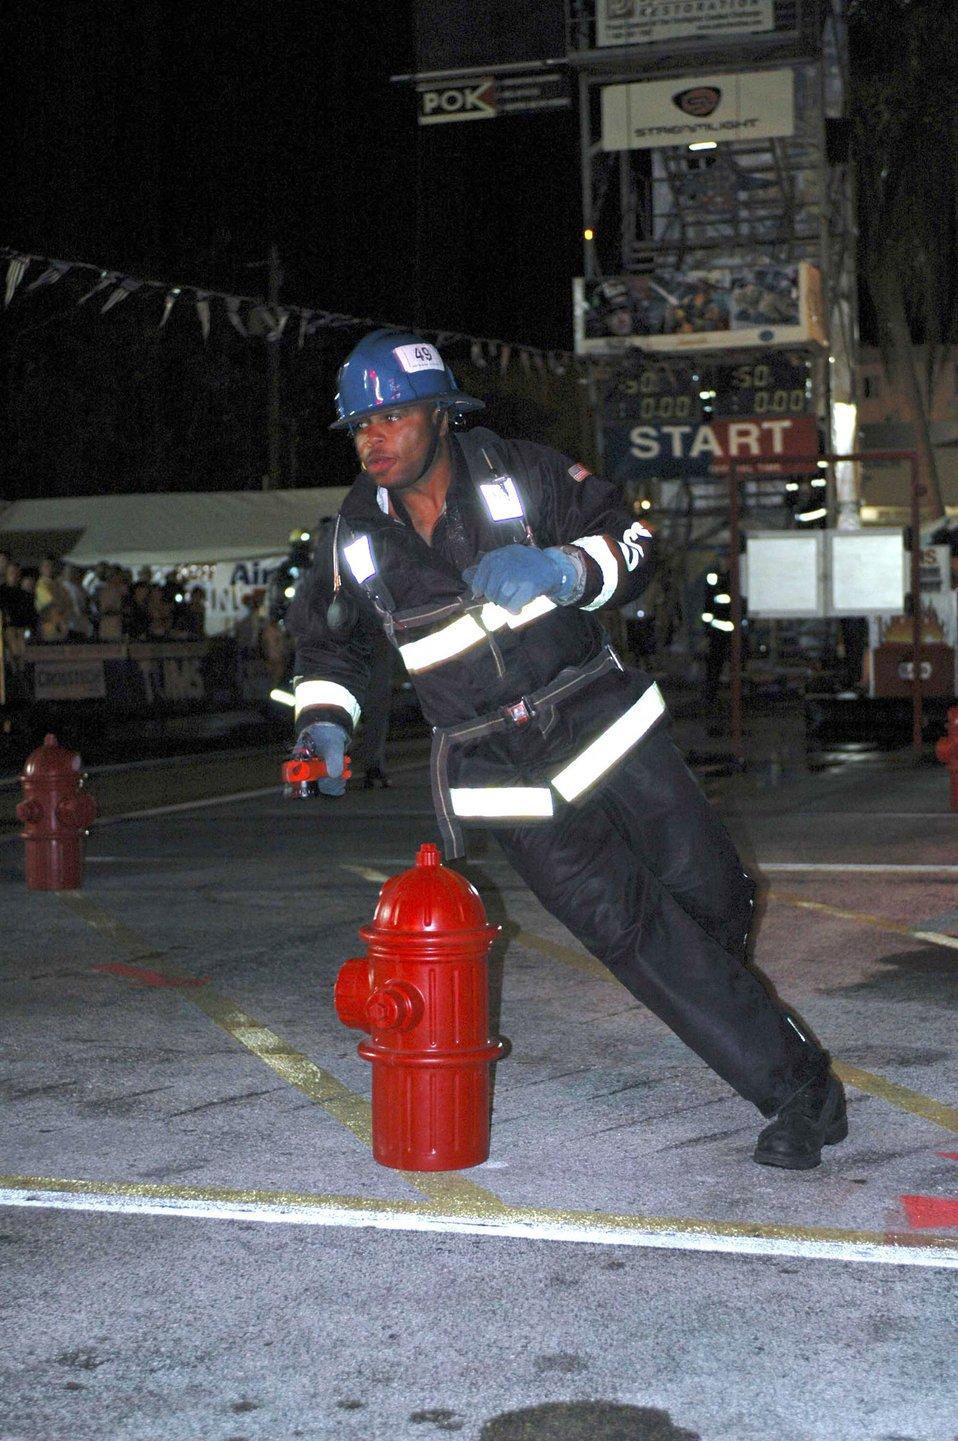 World-class firefighters